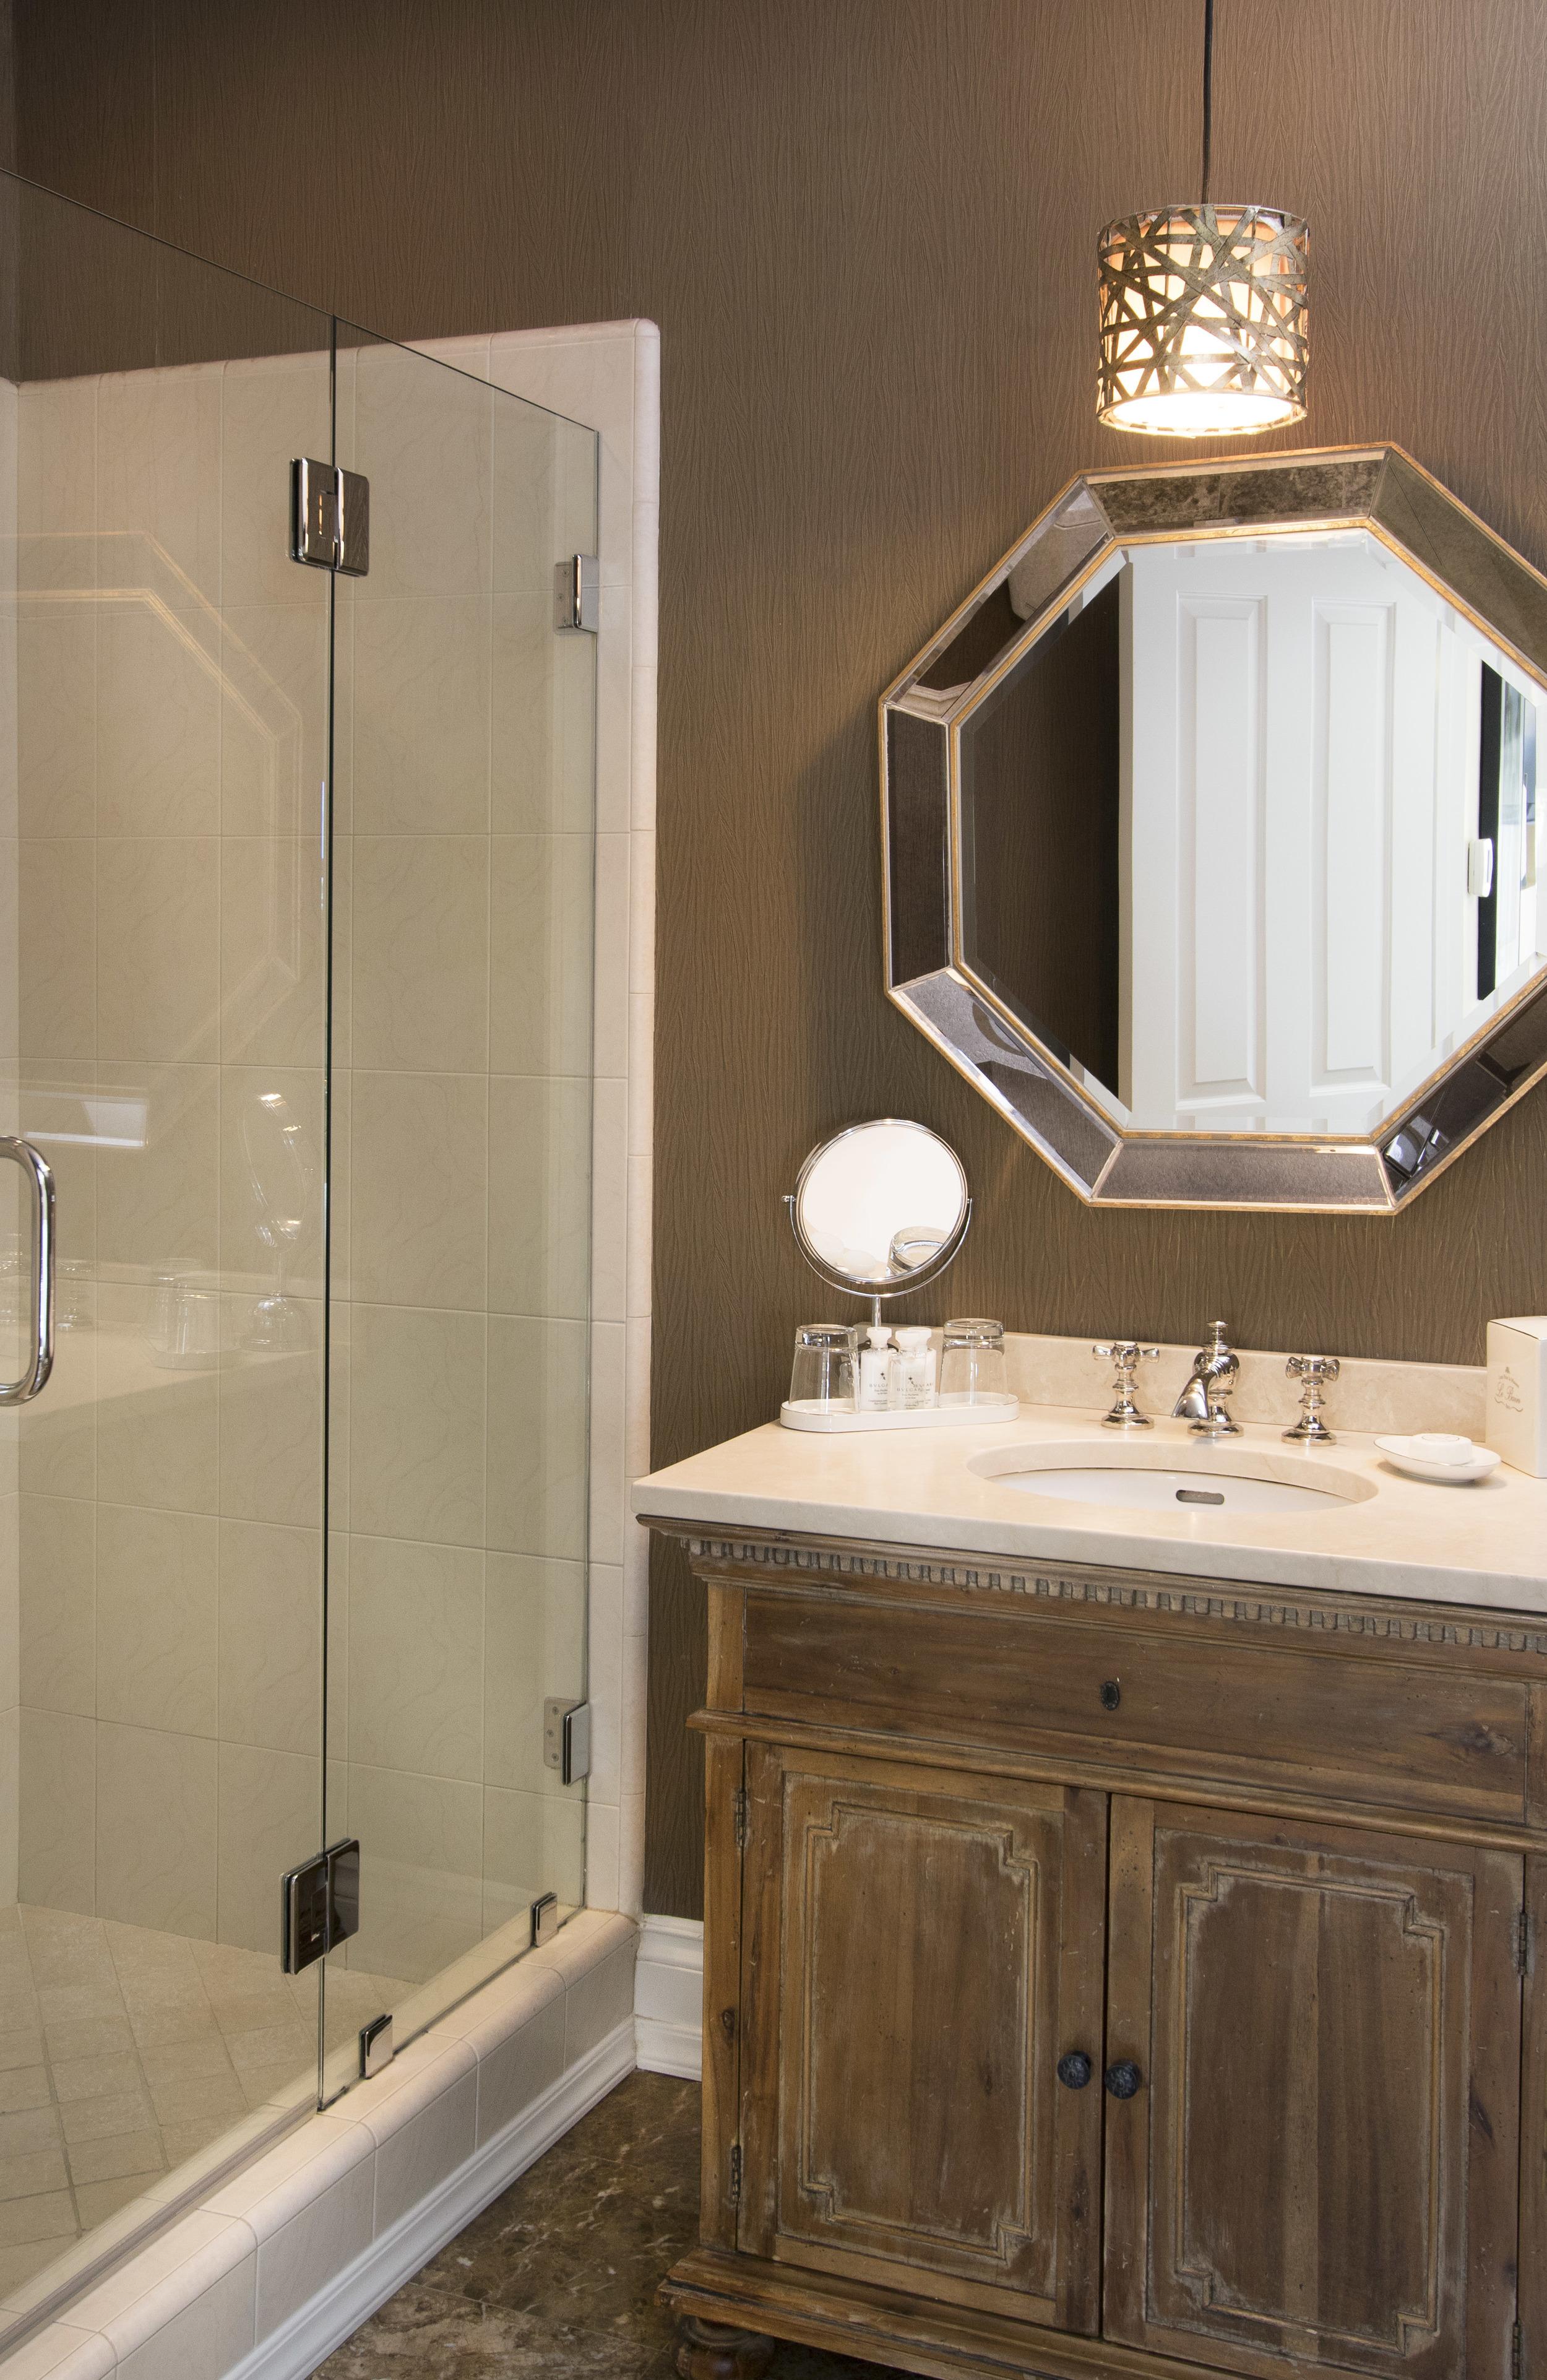 Queen Downstairs bathroom